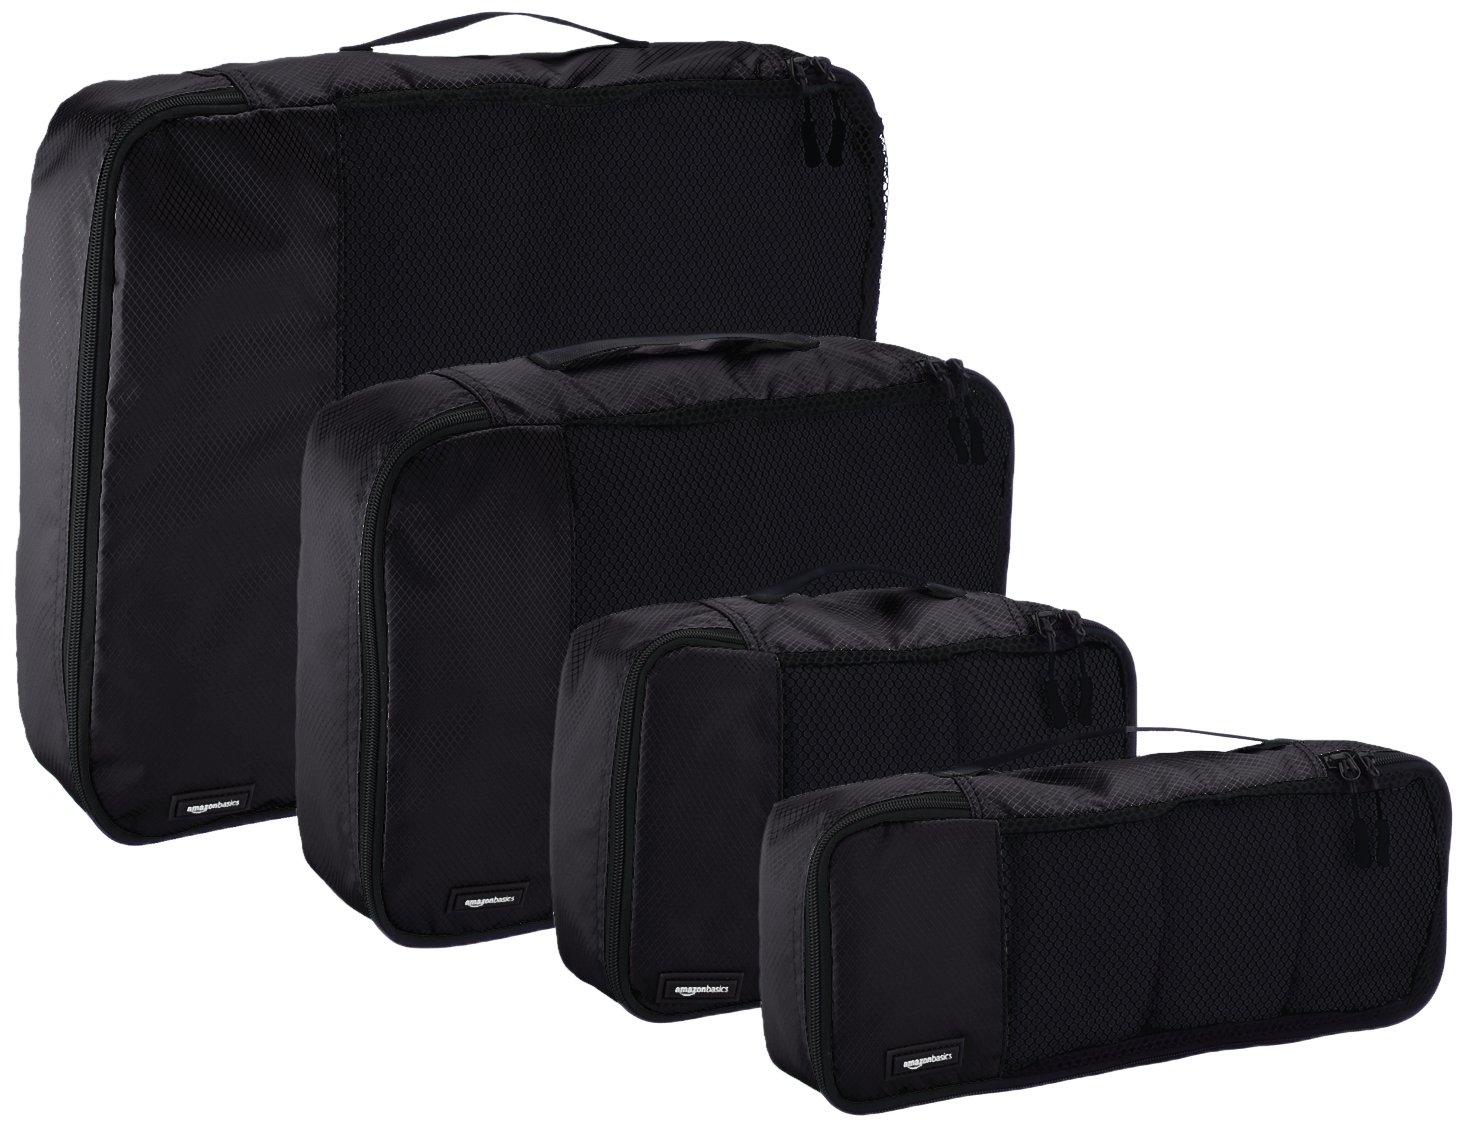 Bag Organizer Packing Cubes